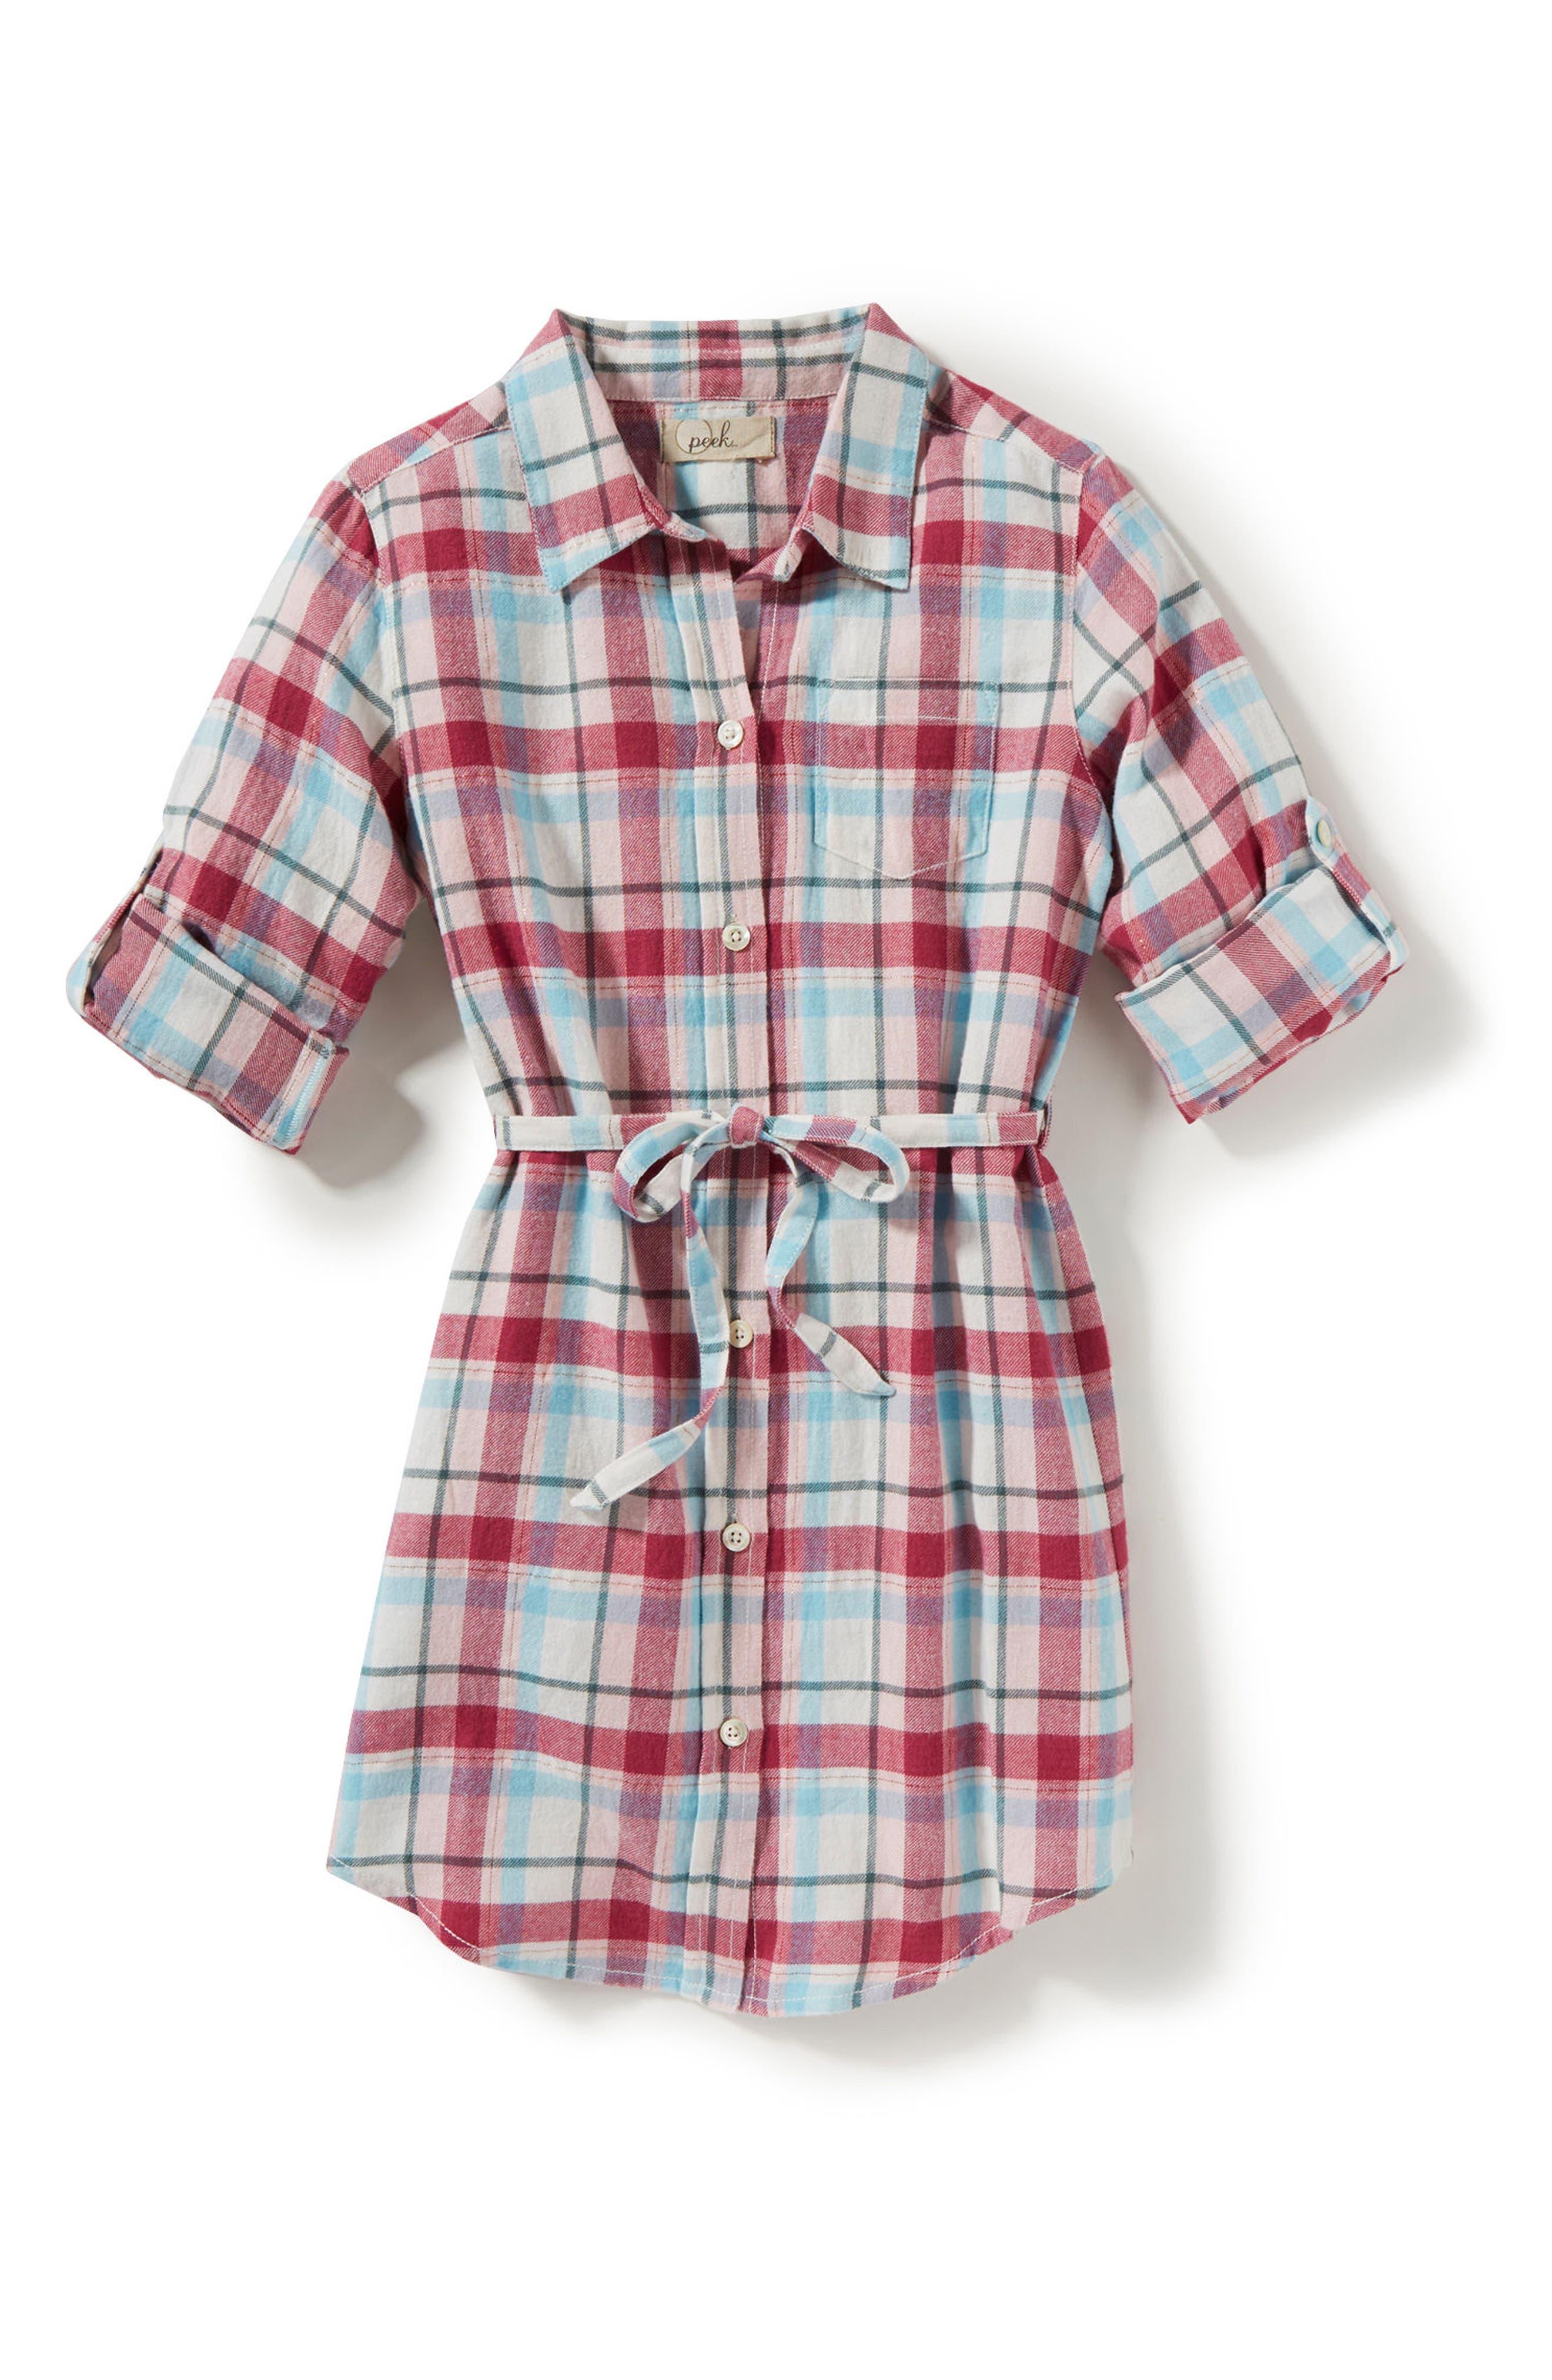 Peek Maya Plaid Shirtdress (Toddler Girls, Little Girls & Big Girls)